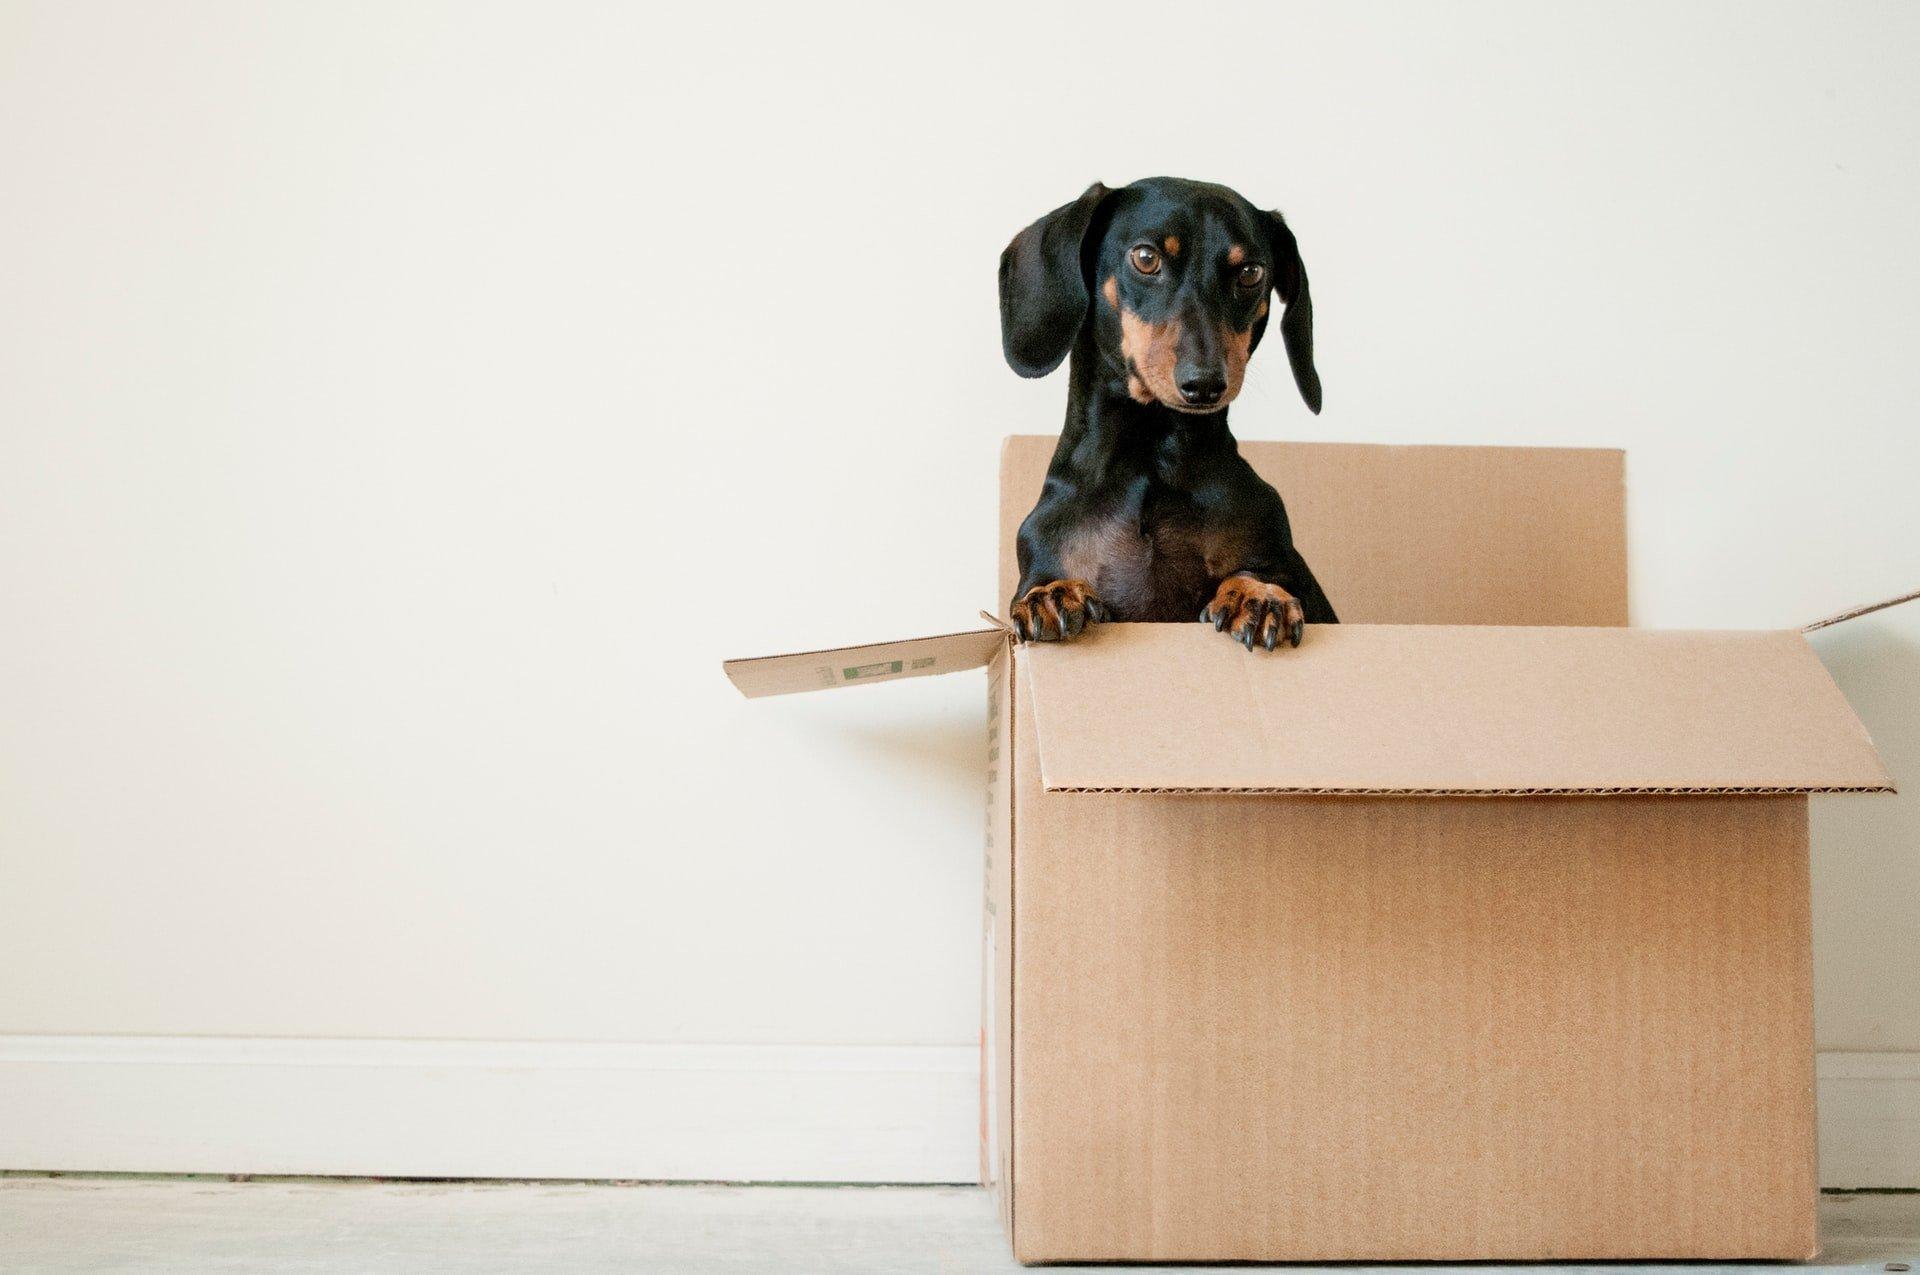 A dog in a cardboard box.